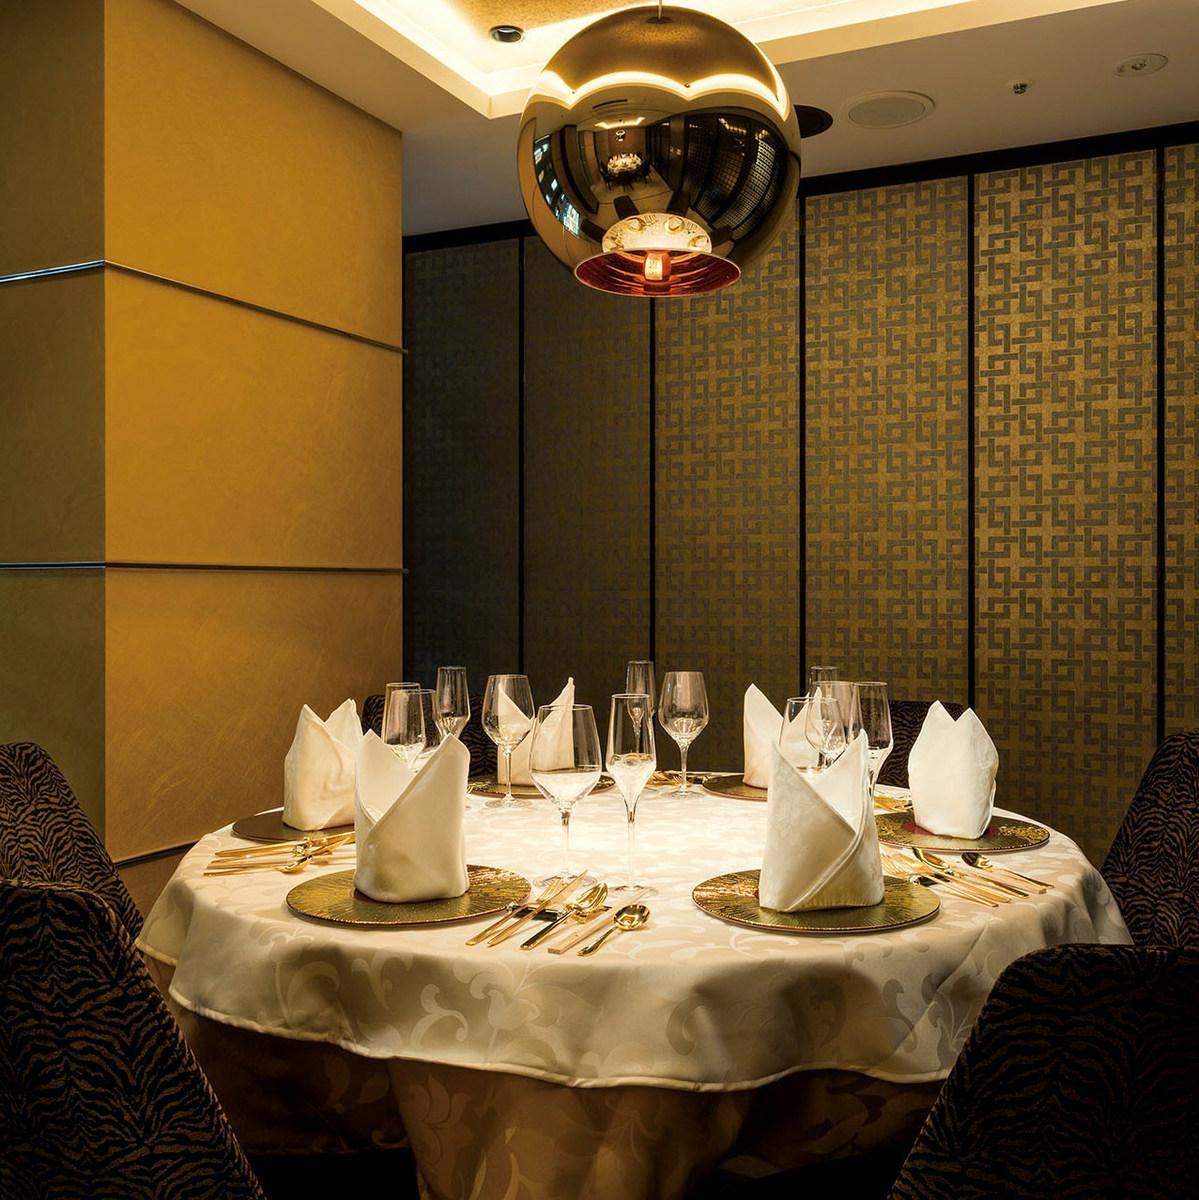 8名様向けの円卓個室です。お食事会やはずせない会食に最適です。